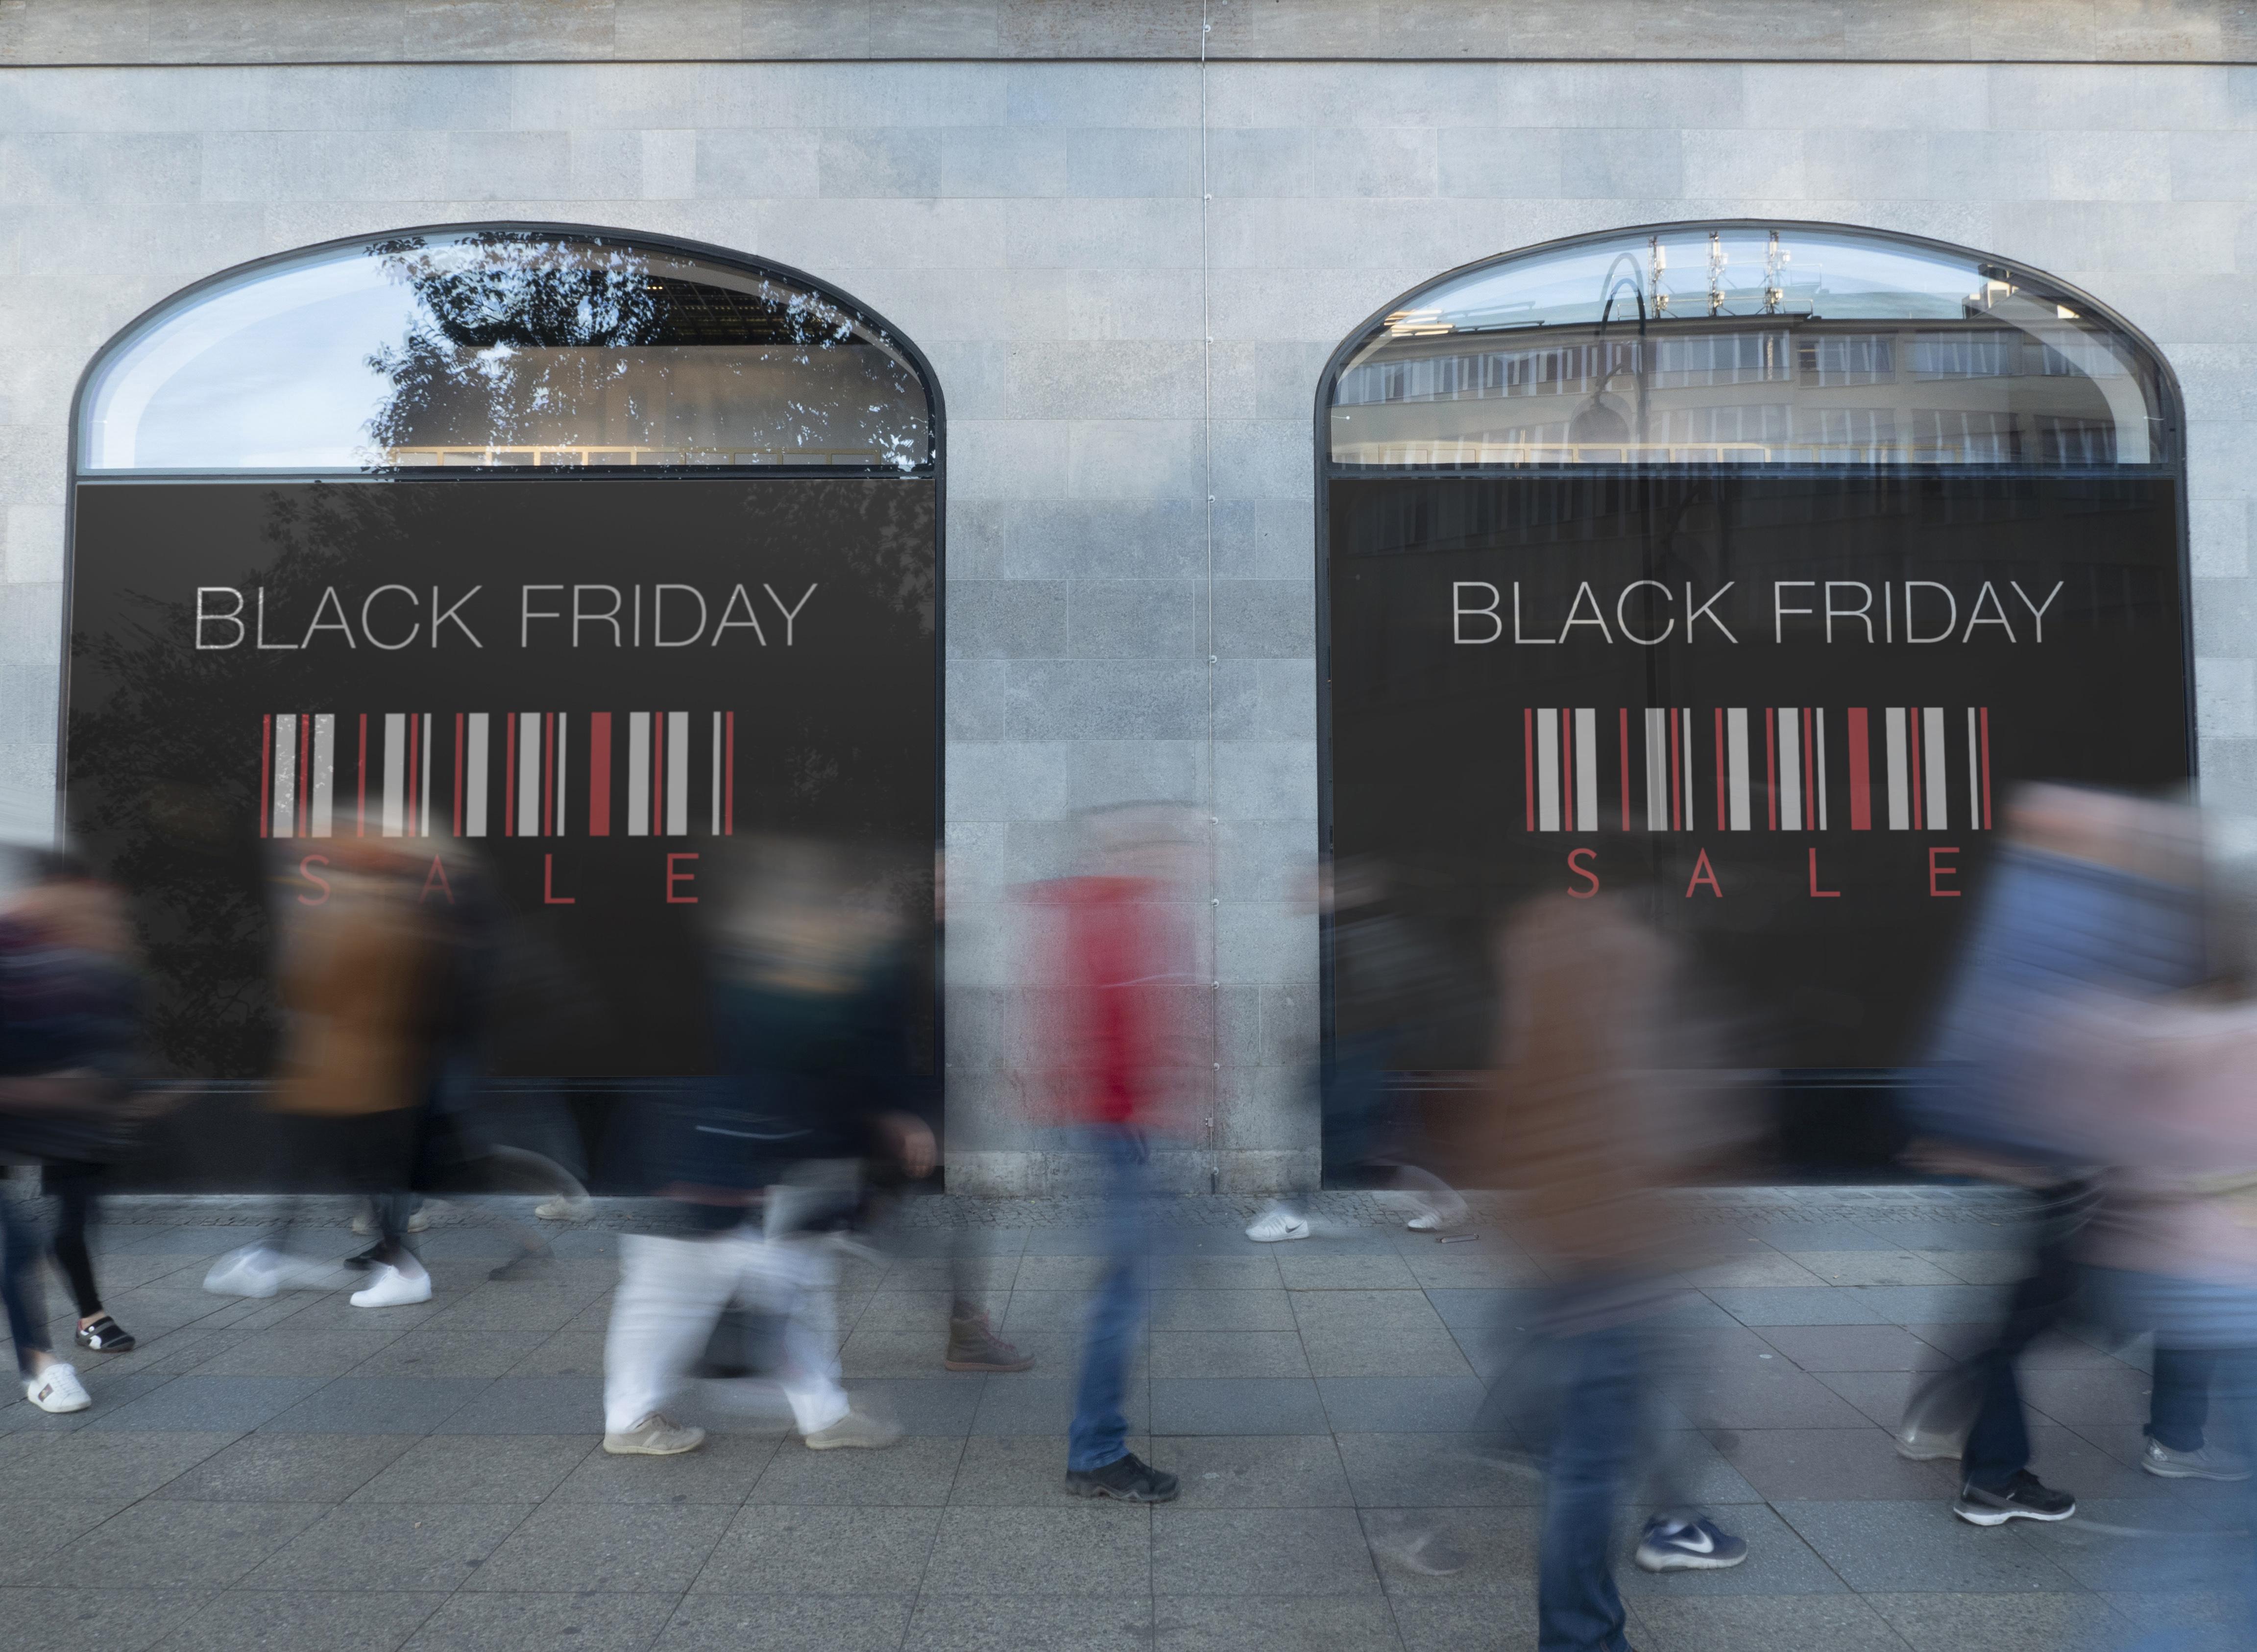 4f0ab62017 Ratgeber zur Cyber Week: Mit diesen 15 Tipps finden Verbraucher die besten  Angebote rund um den Black Friday und Cyber Monday